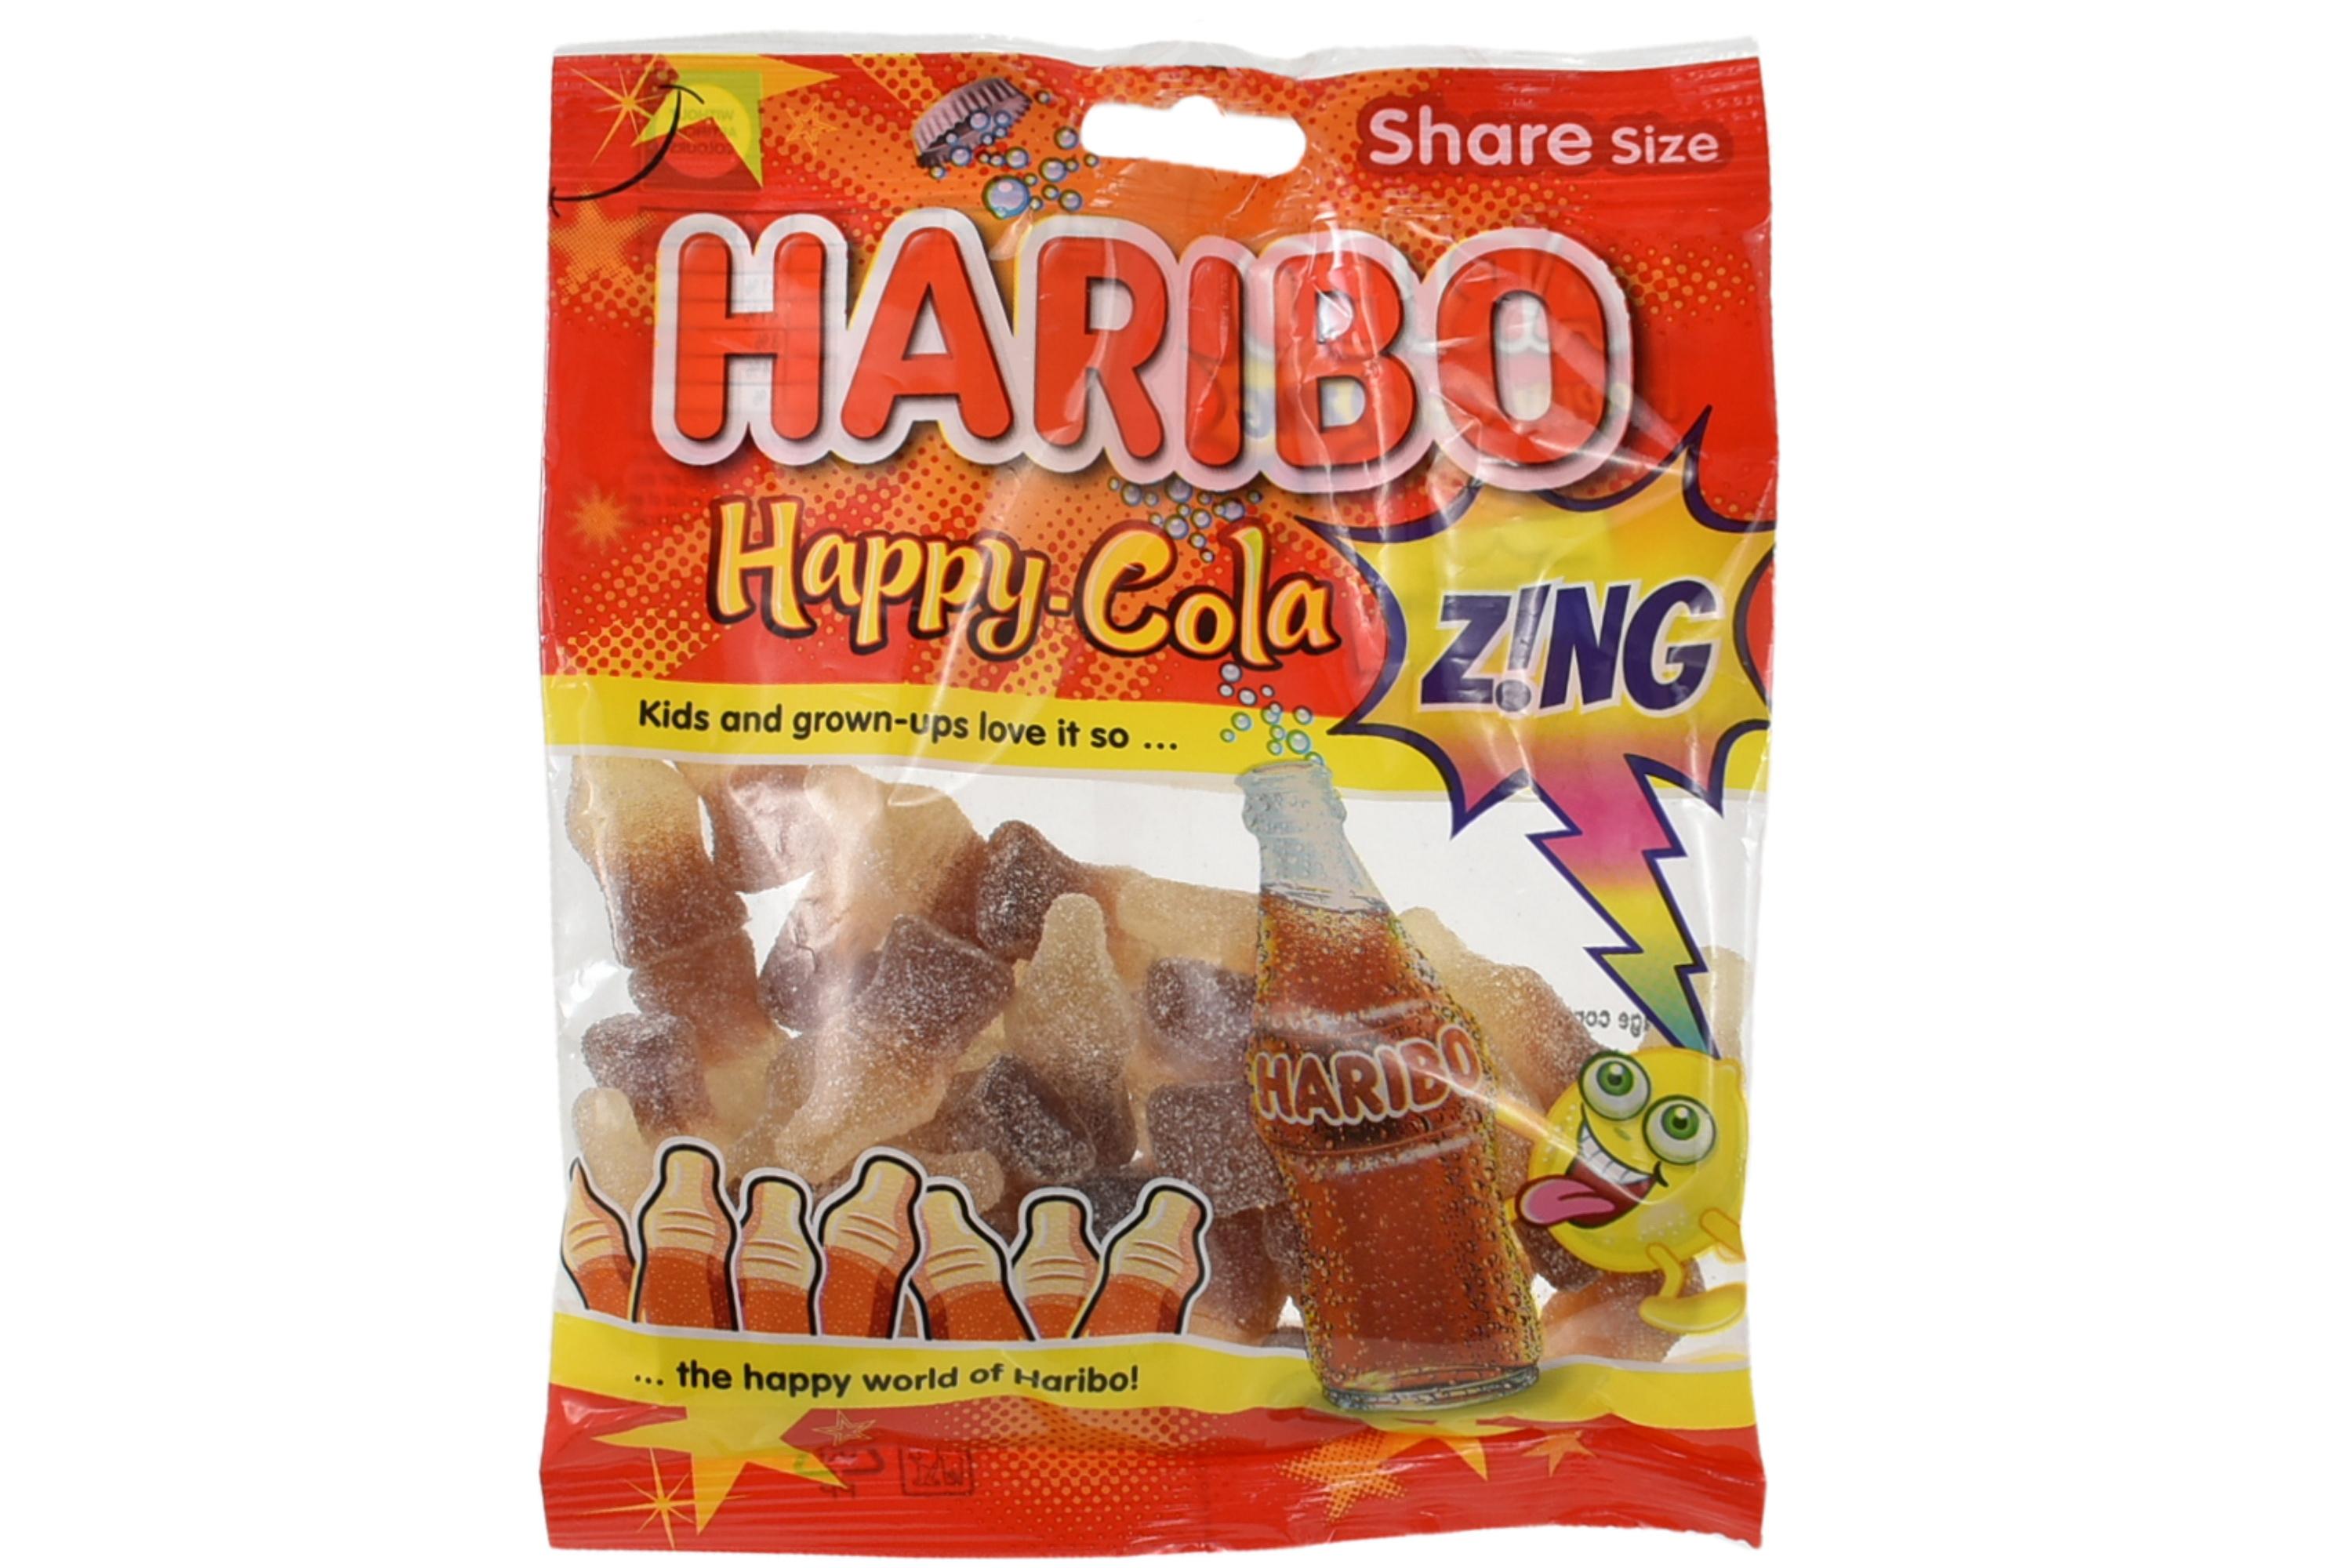 140g Happy Cola Zing Bottles Prepack - Haribo